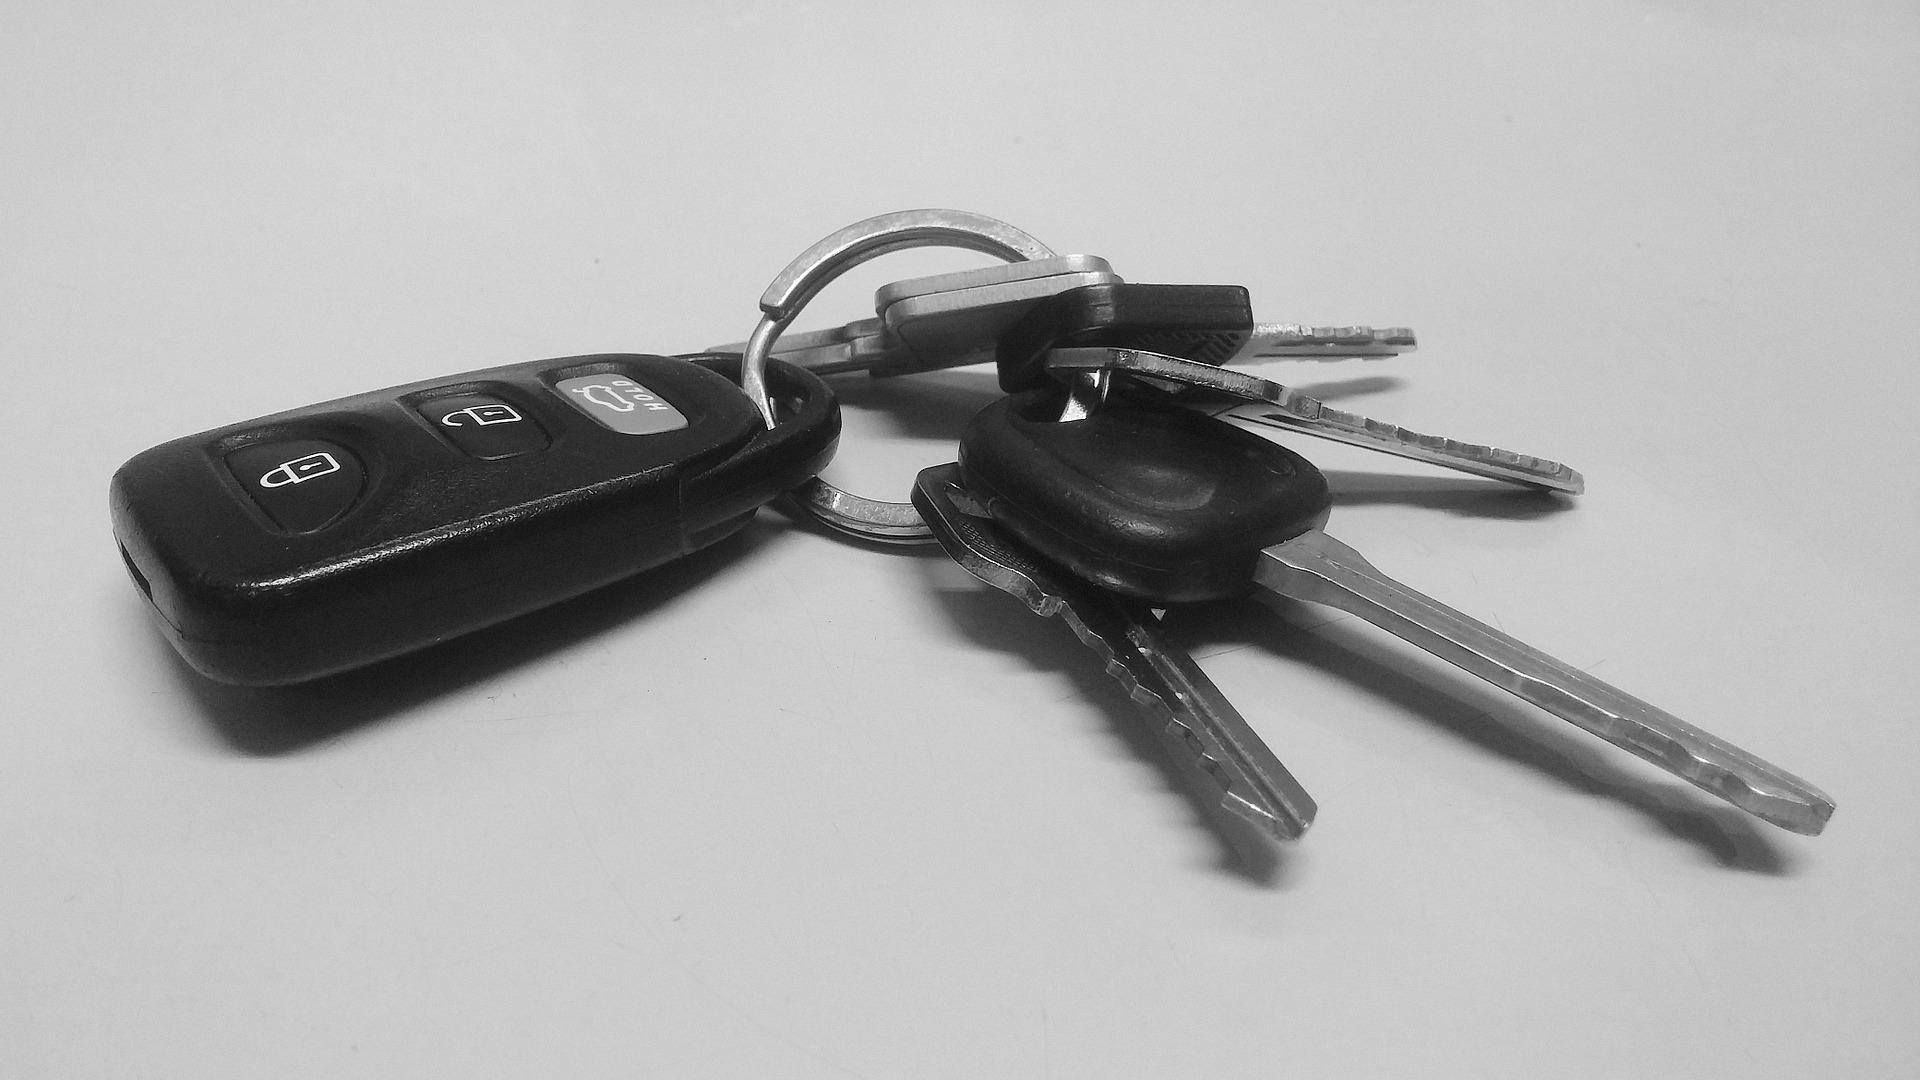 Vehicular Locksmiths